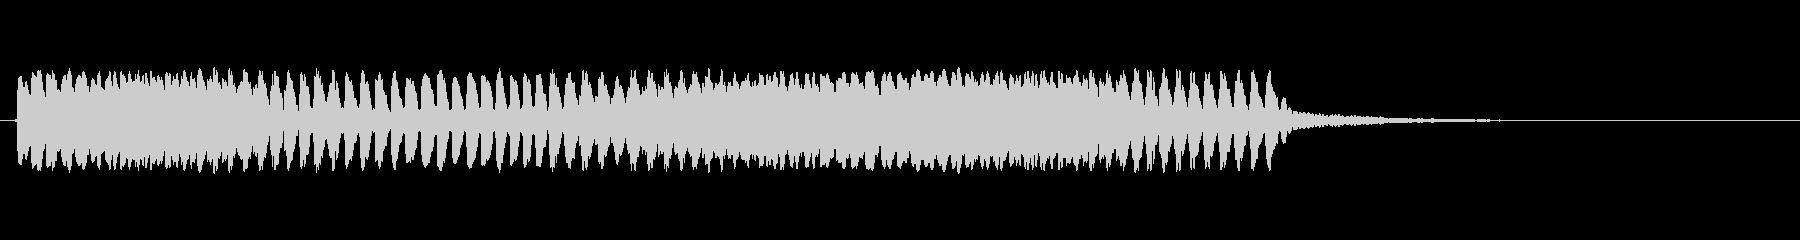 ピアススペースリング3の未再生の波形